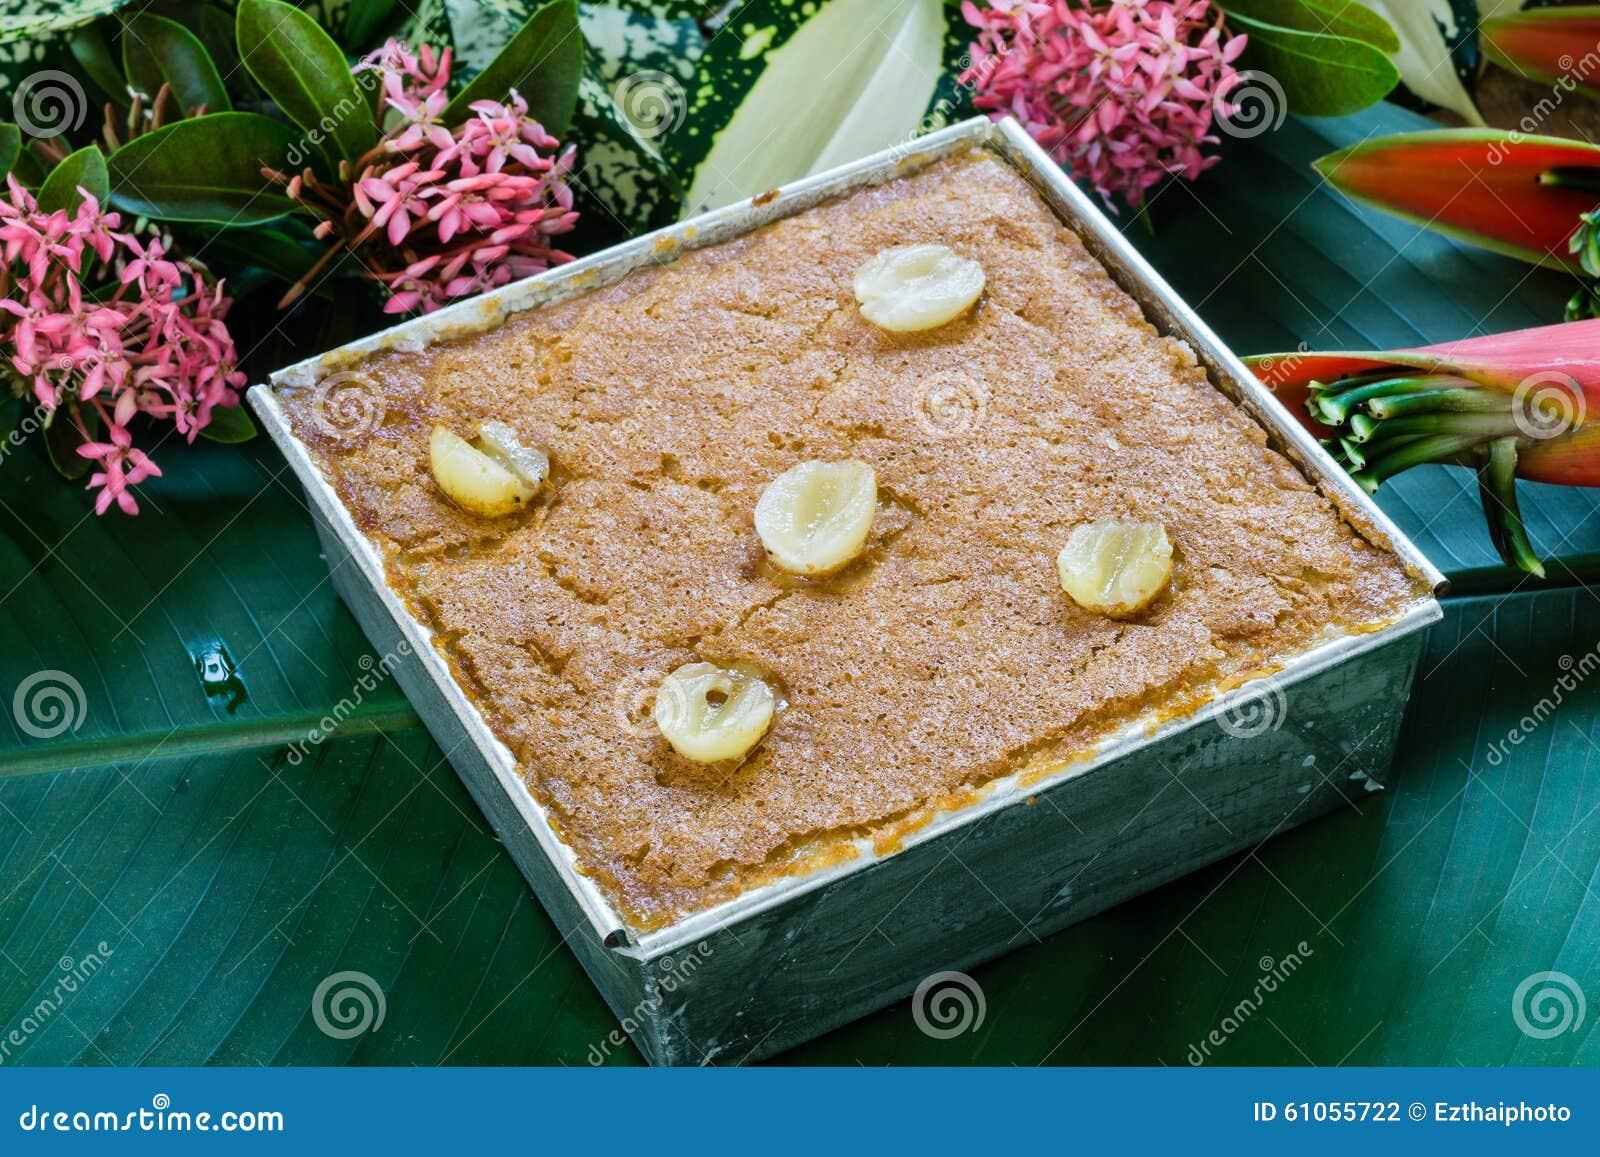 Mungobohne thailändisches Vanillepudding-Nachtisch-Rezept